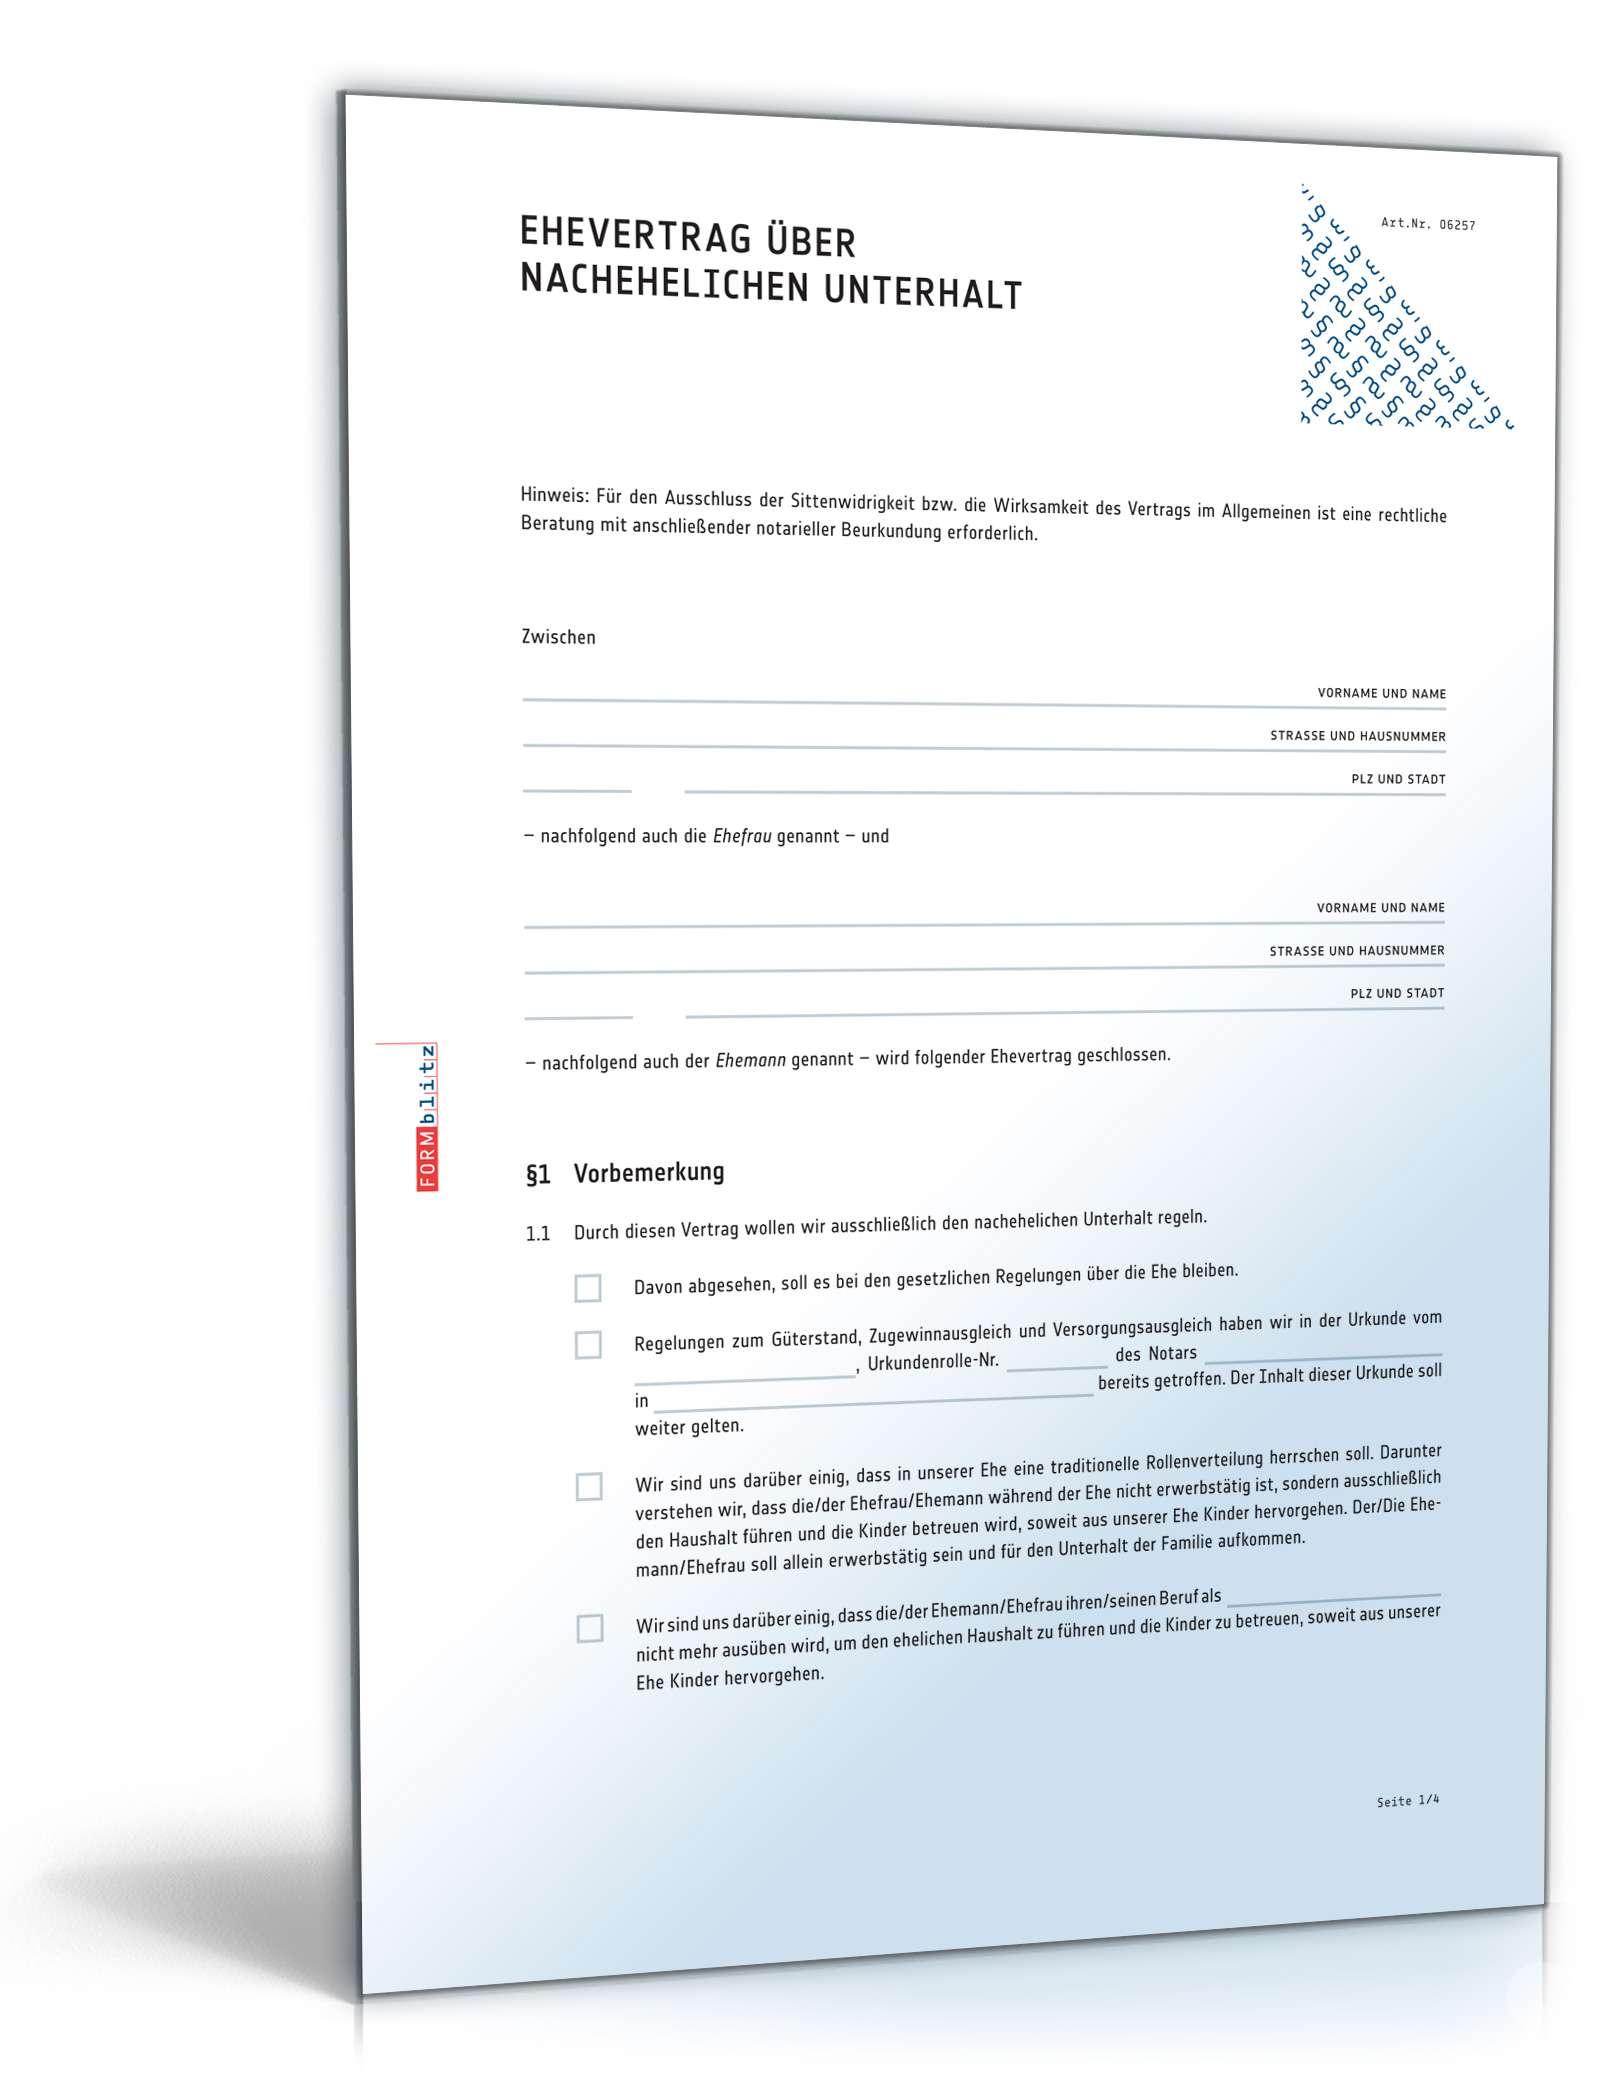 Ehevertrag nachehelicher Unterhalt | Muster zum Download